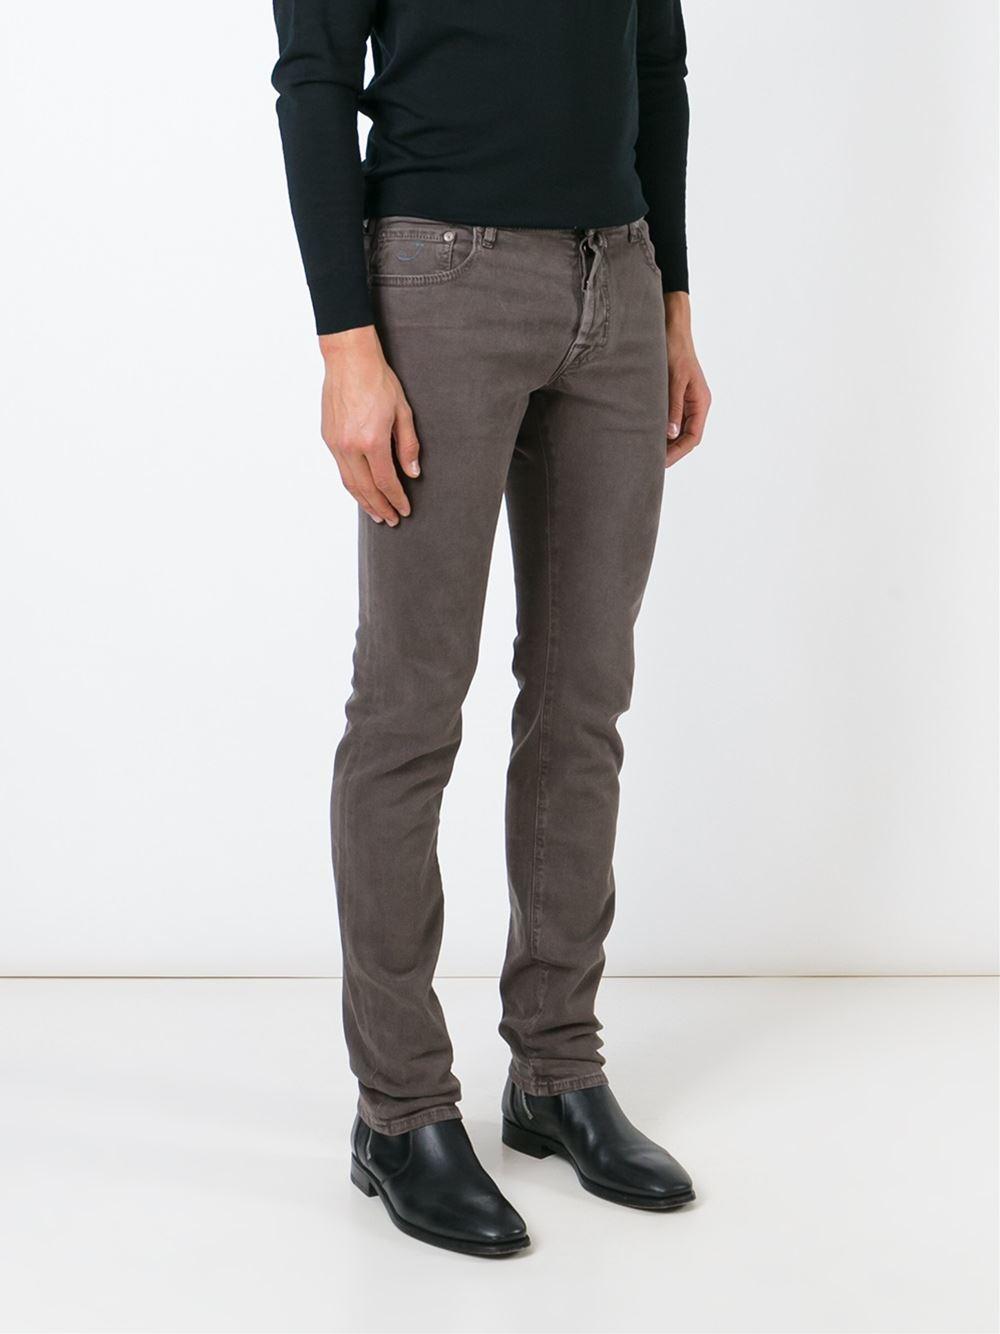 jacob cohen slim fit jeans in brown for men lyst. Black Bedroom Furniture Sets. Home Design Ideas